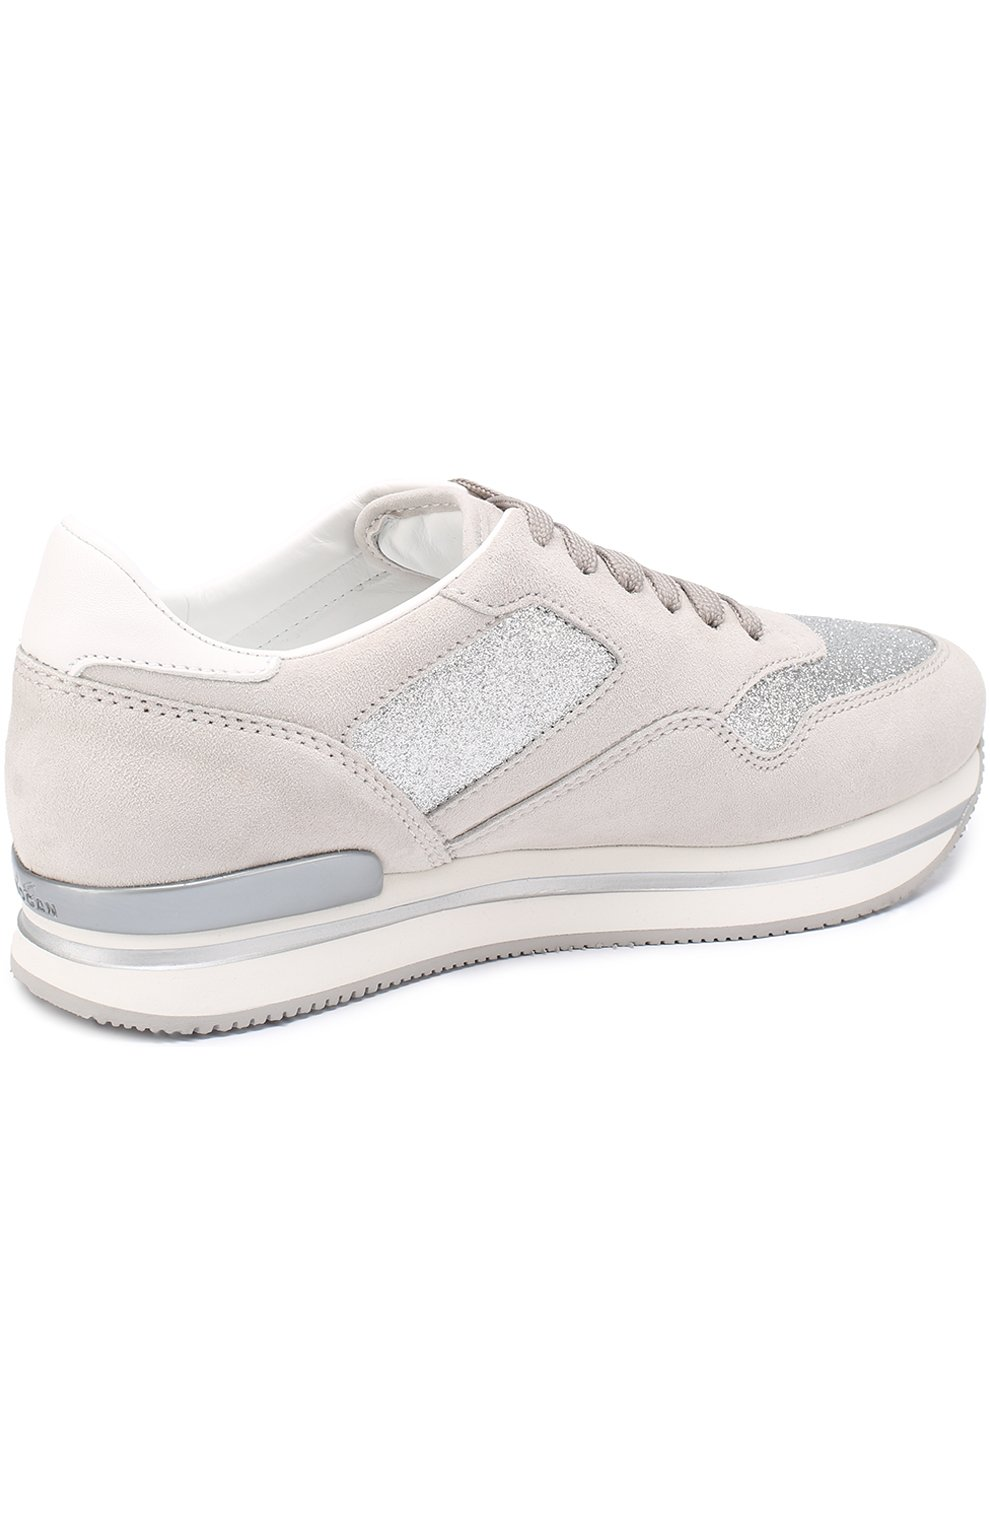 Замшевые кроссовки с отделкой из металлизированного текстиля | Фото №4